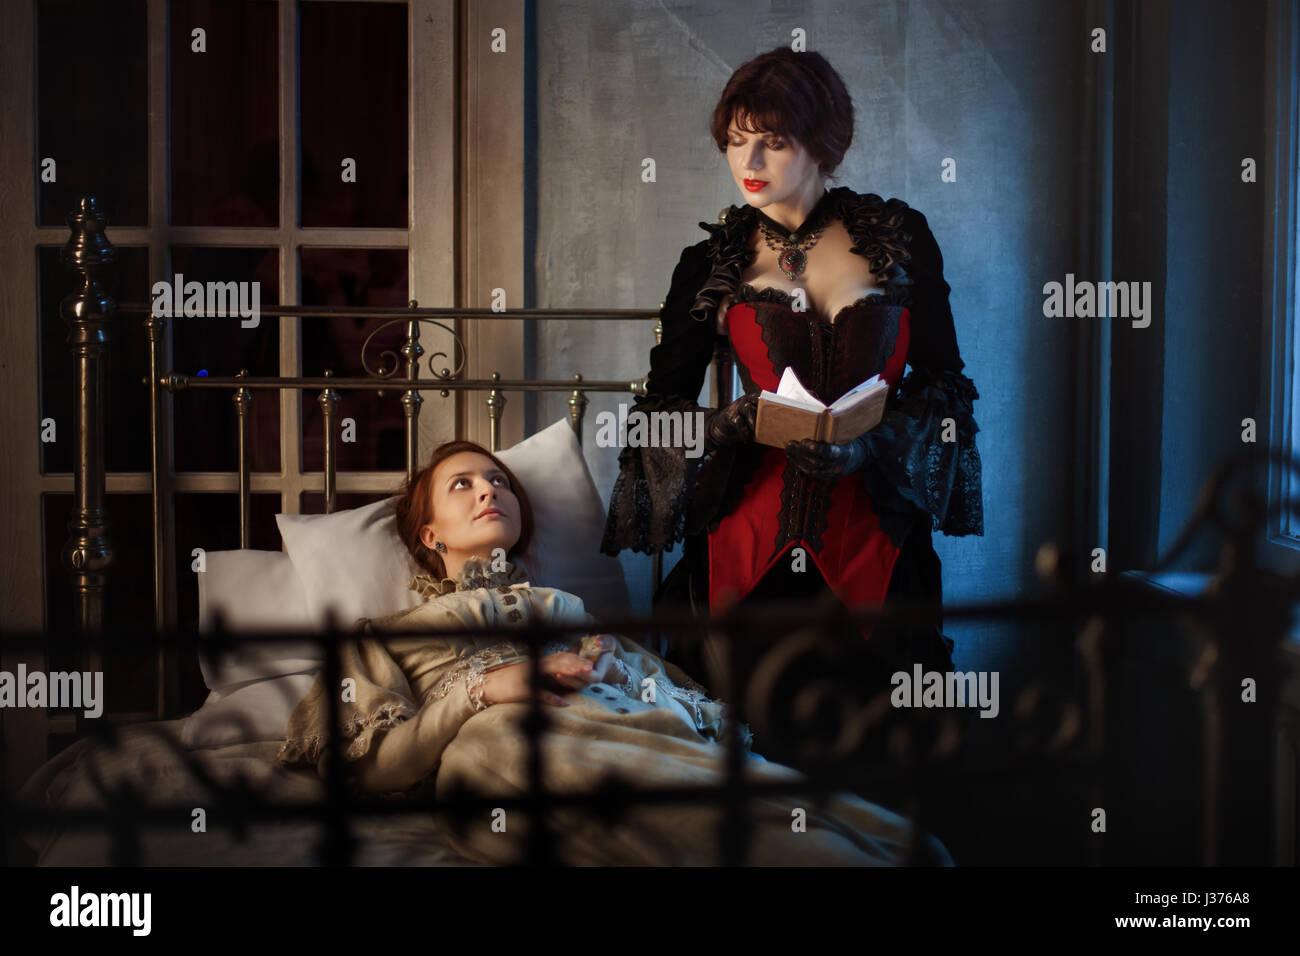 Kranke Frau liegend auf einem Bett neben einer anderen Frau ein Buch lesen, im Retro-Stil Gotik. Stockbild